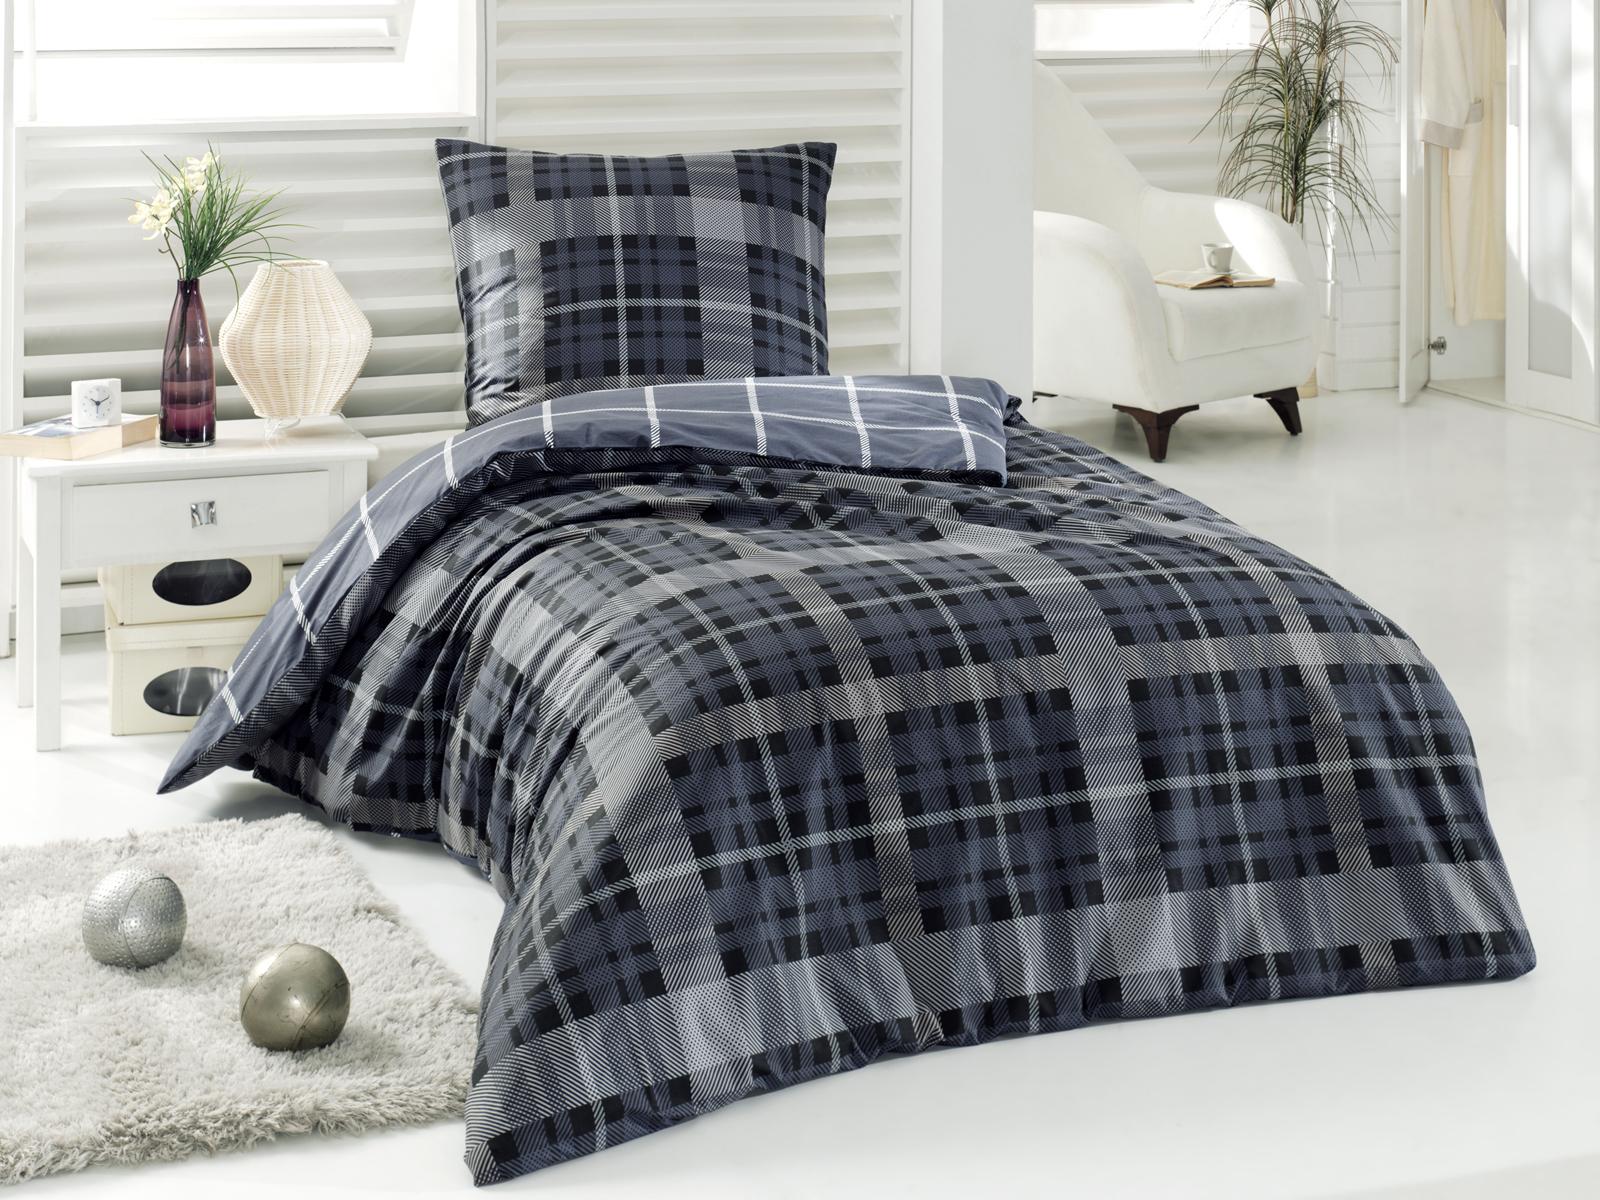 5 tlg renforce baumwolle bettw sche bettgarnitur 200x220 cm alonzo schwarz ebay. Black Bedroom Furniture Sets. Home Design Ideas